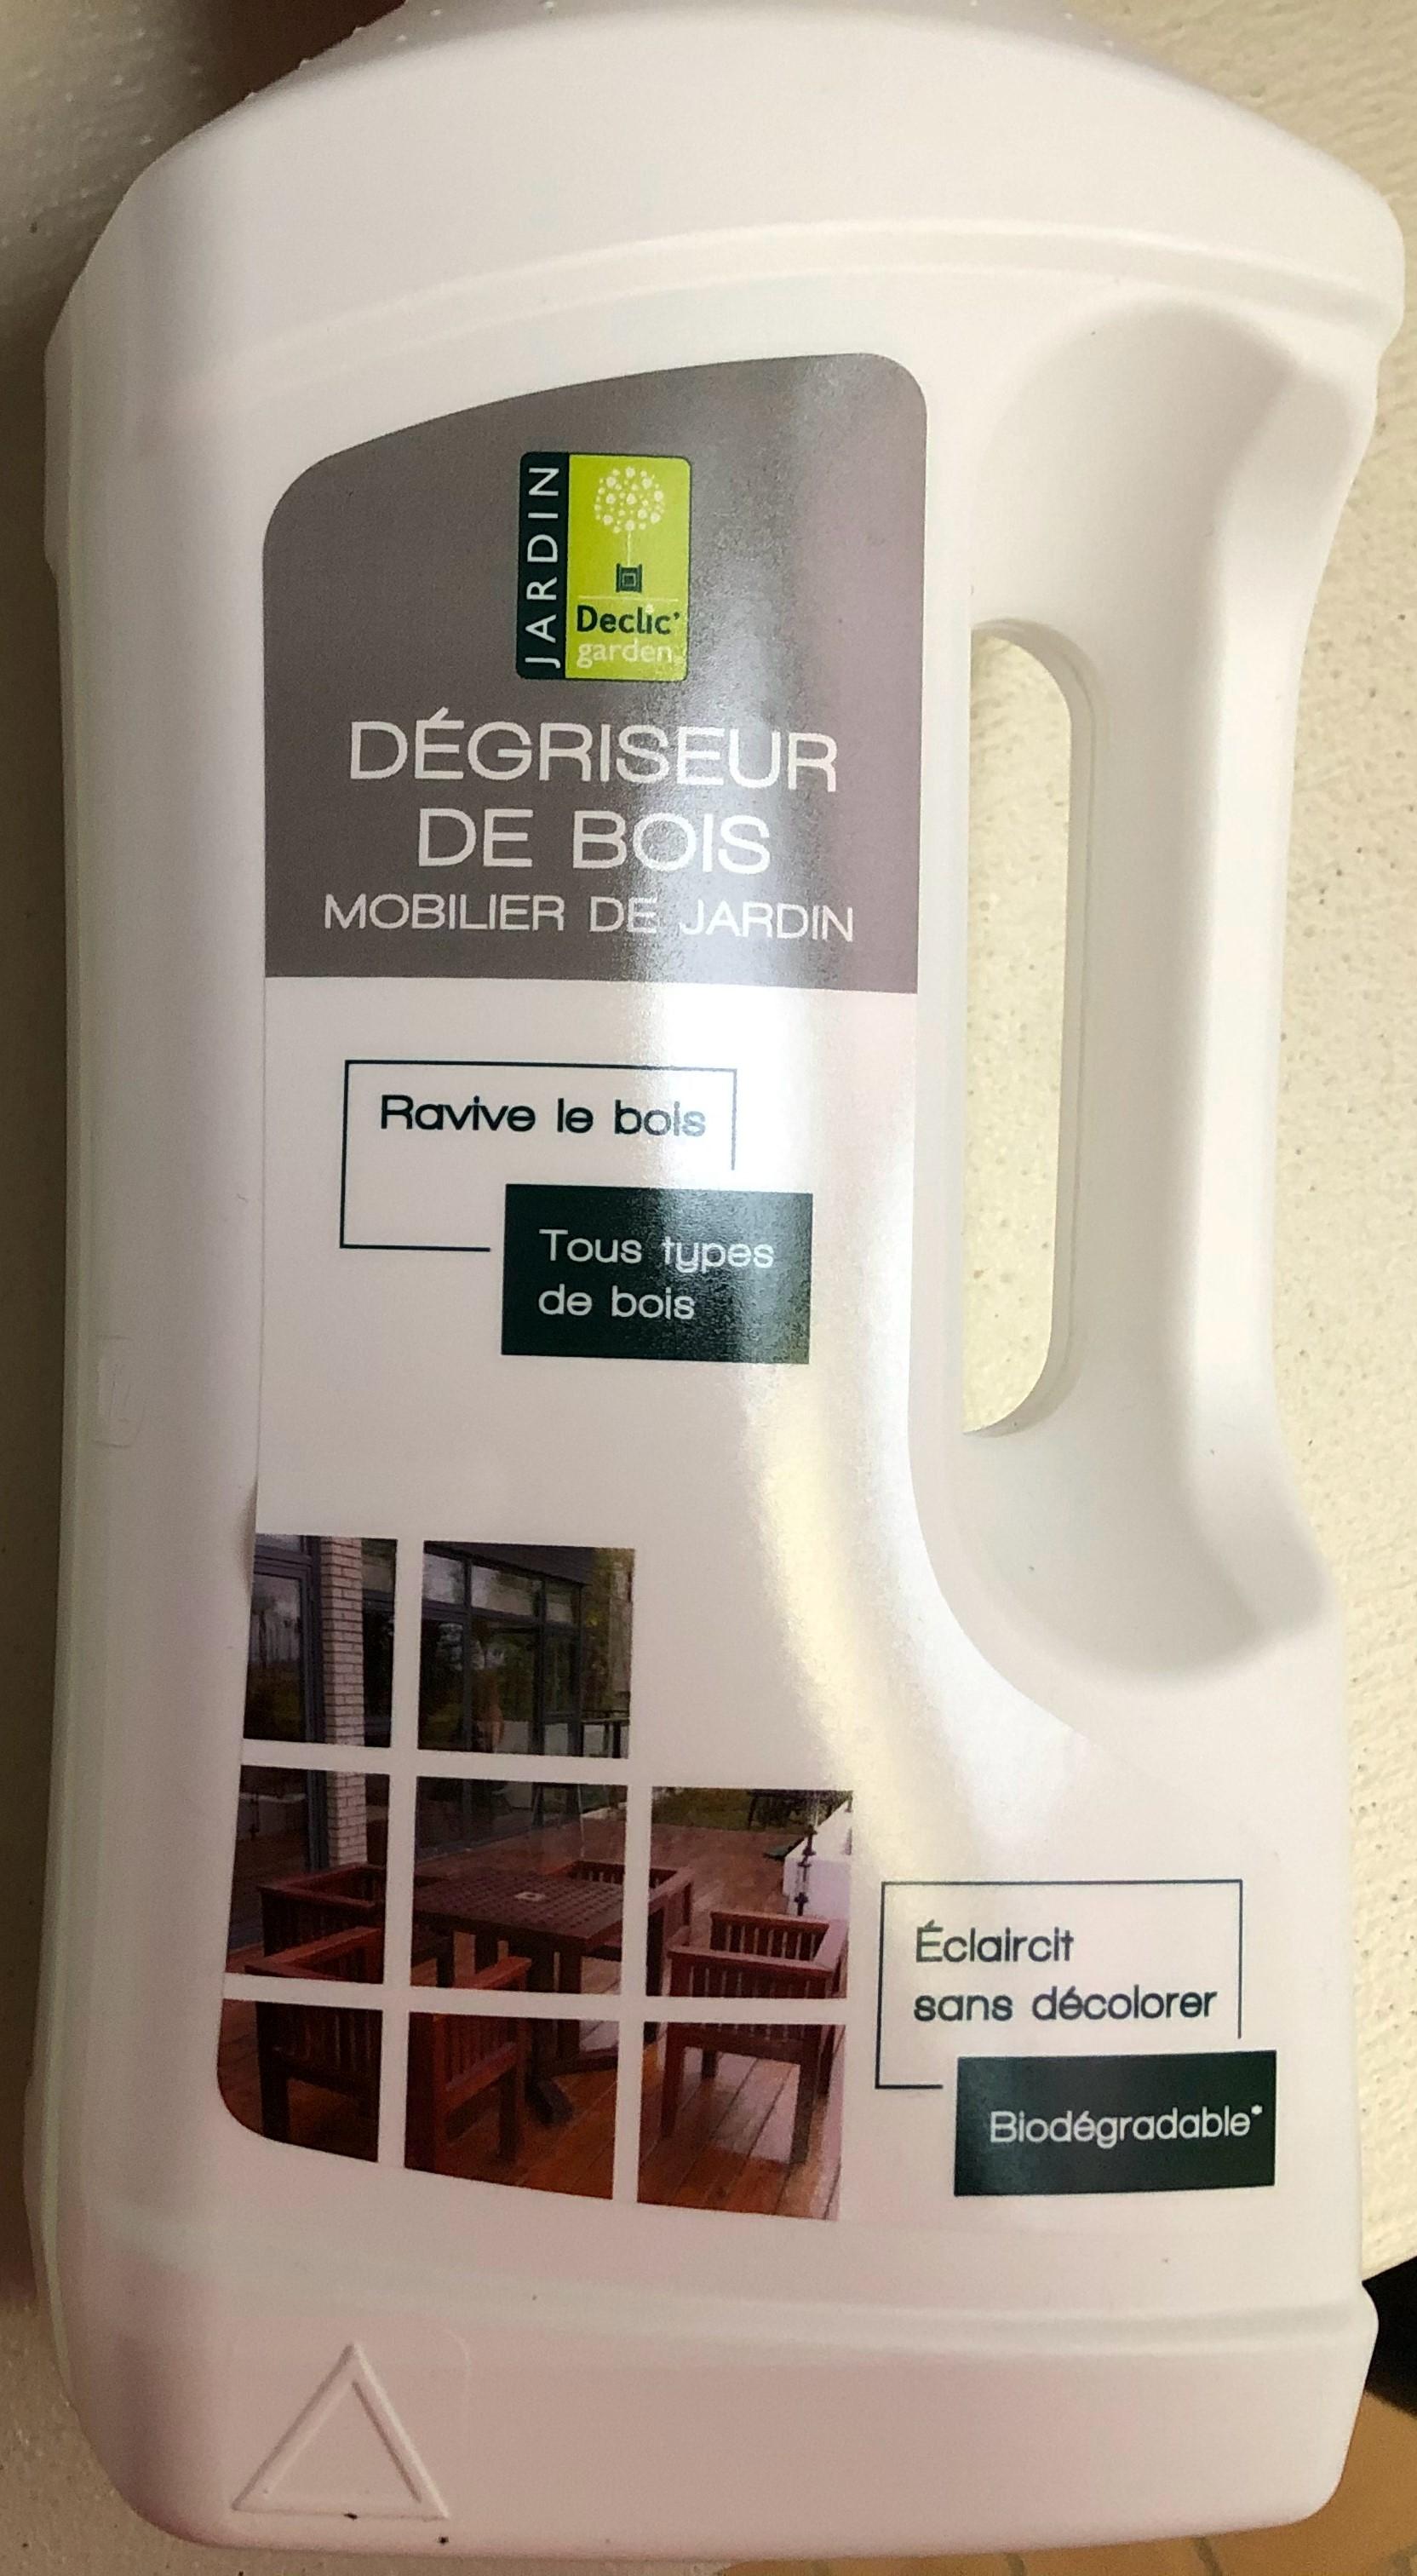 Bidon de dégriseur de bois pour mobilier de jardin Declic' Garden (1 L) - Proville (59)